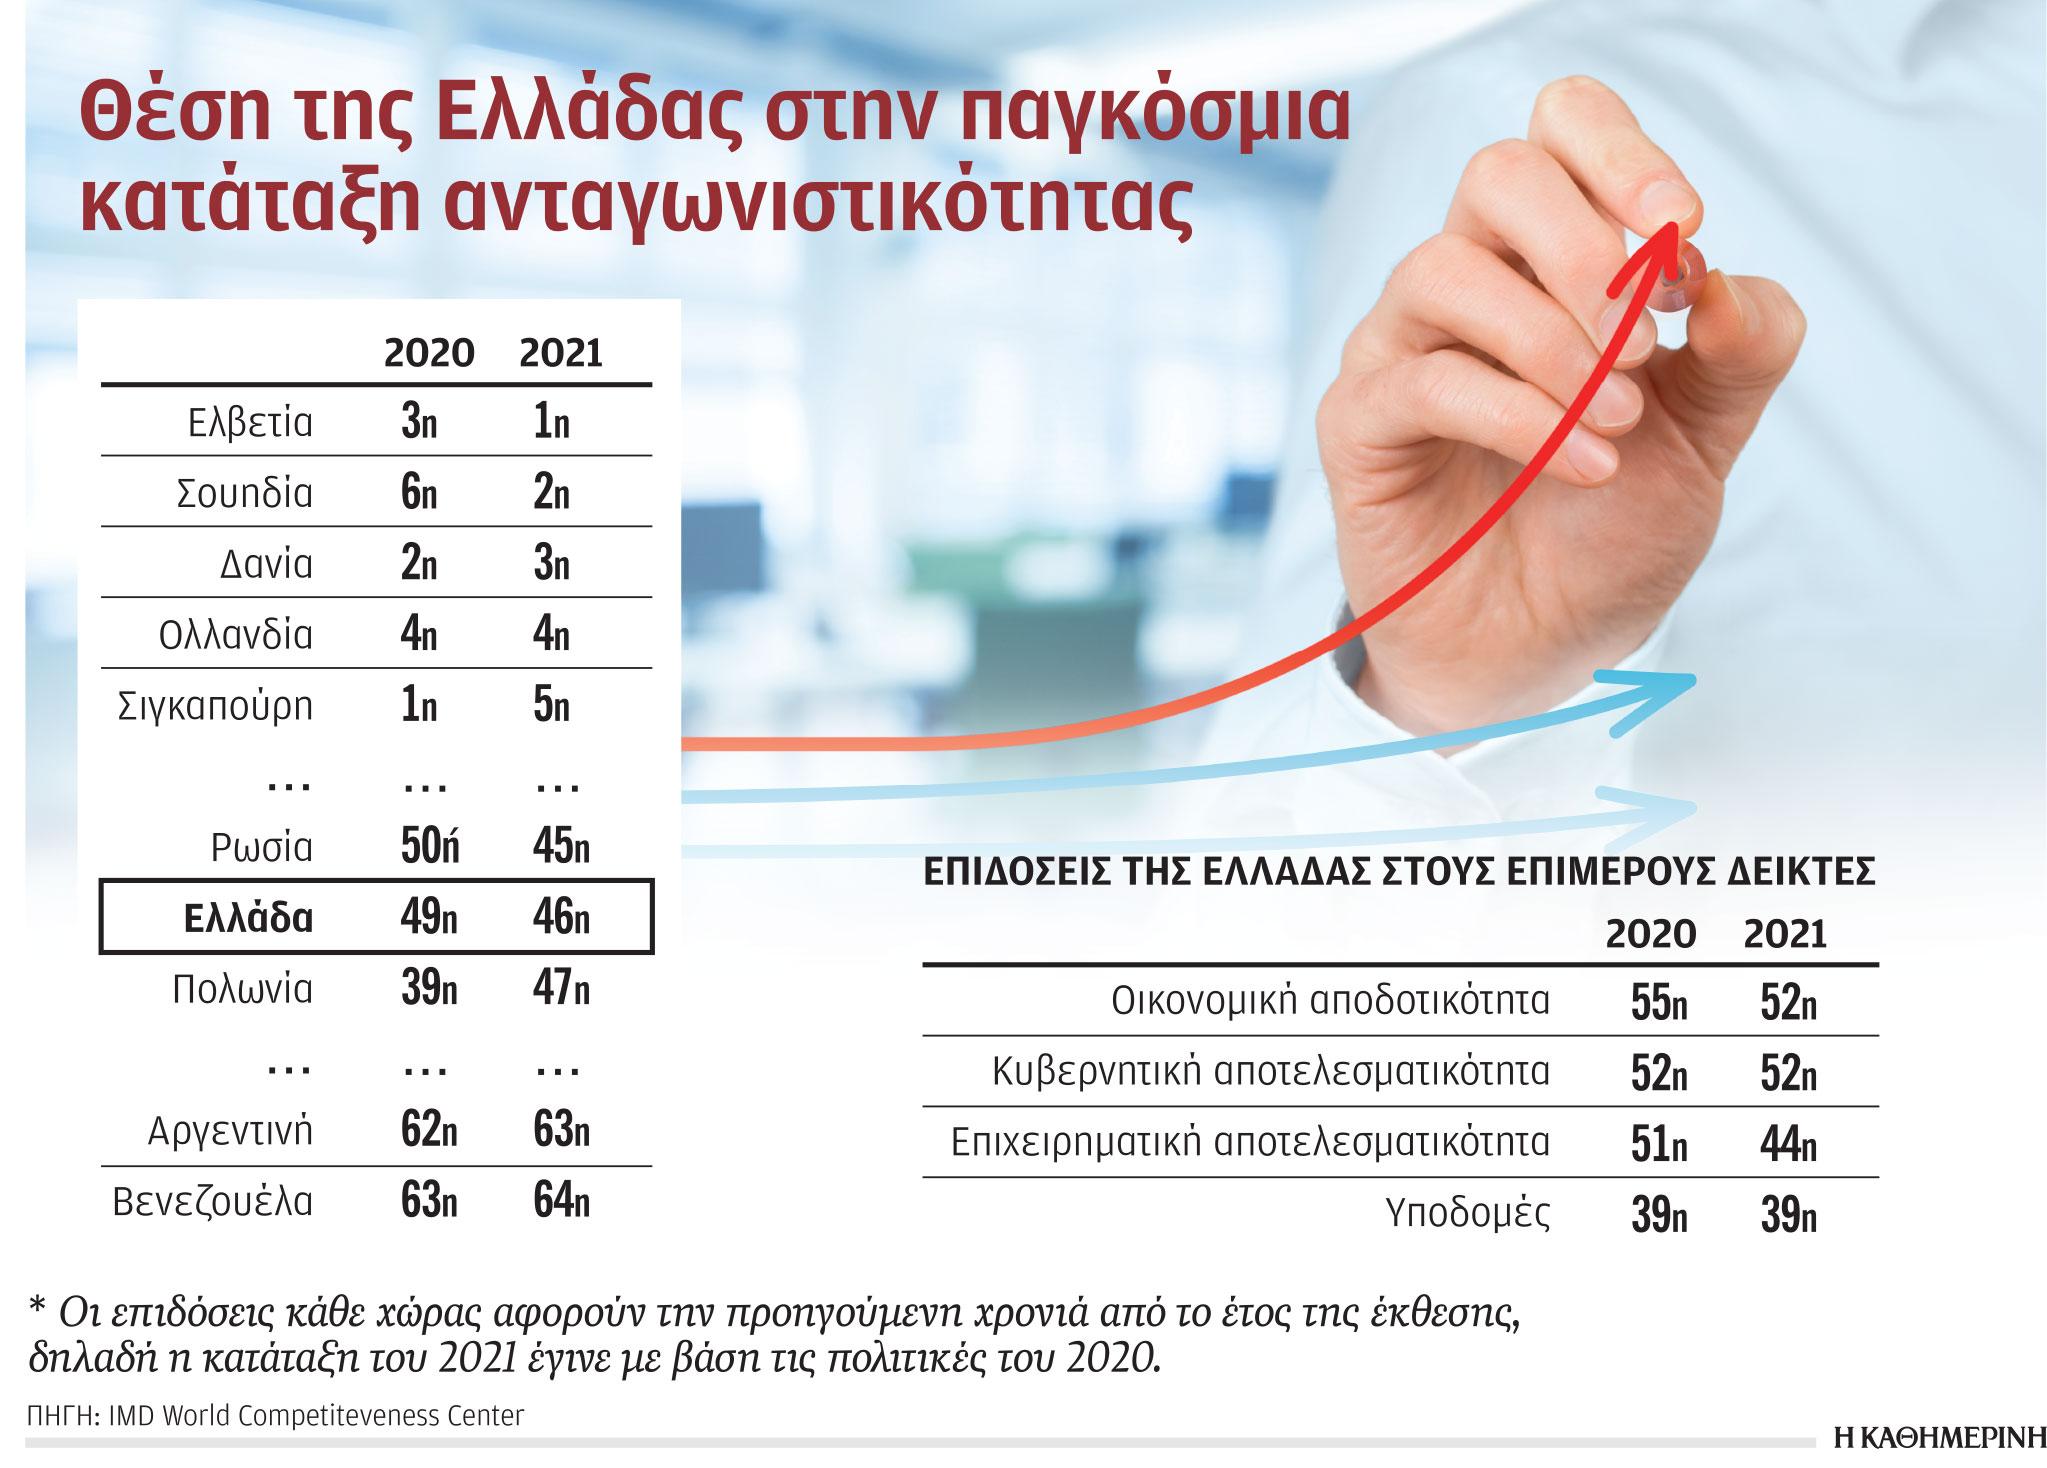 elliniki-oikonomia-egine-pio-antagonistiki-to-20201